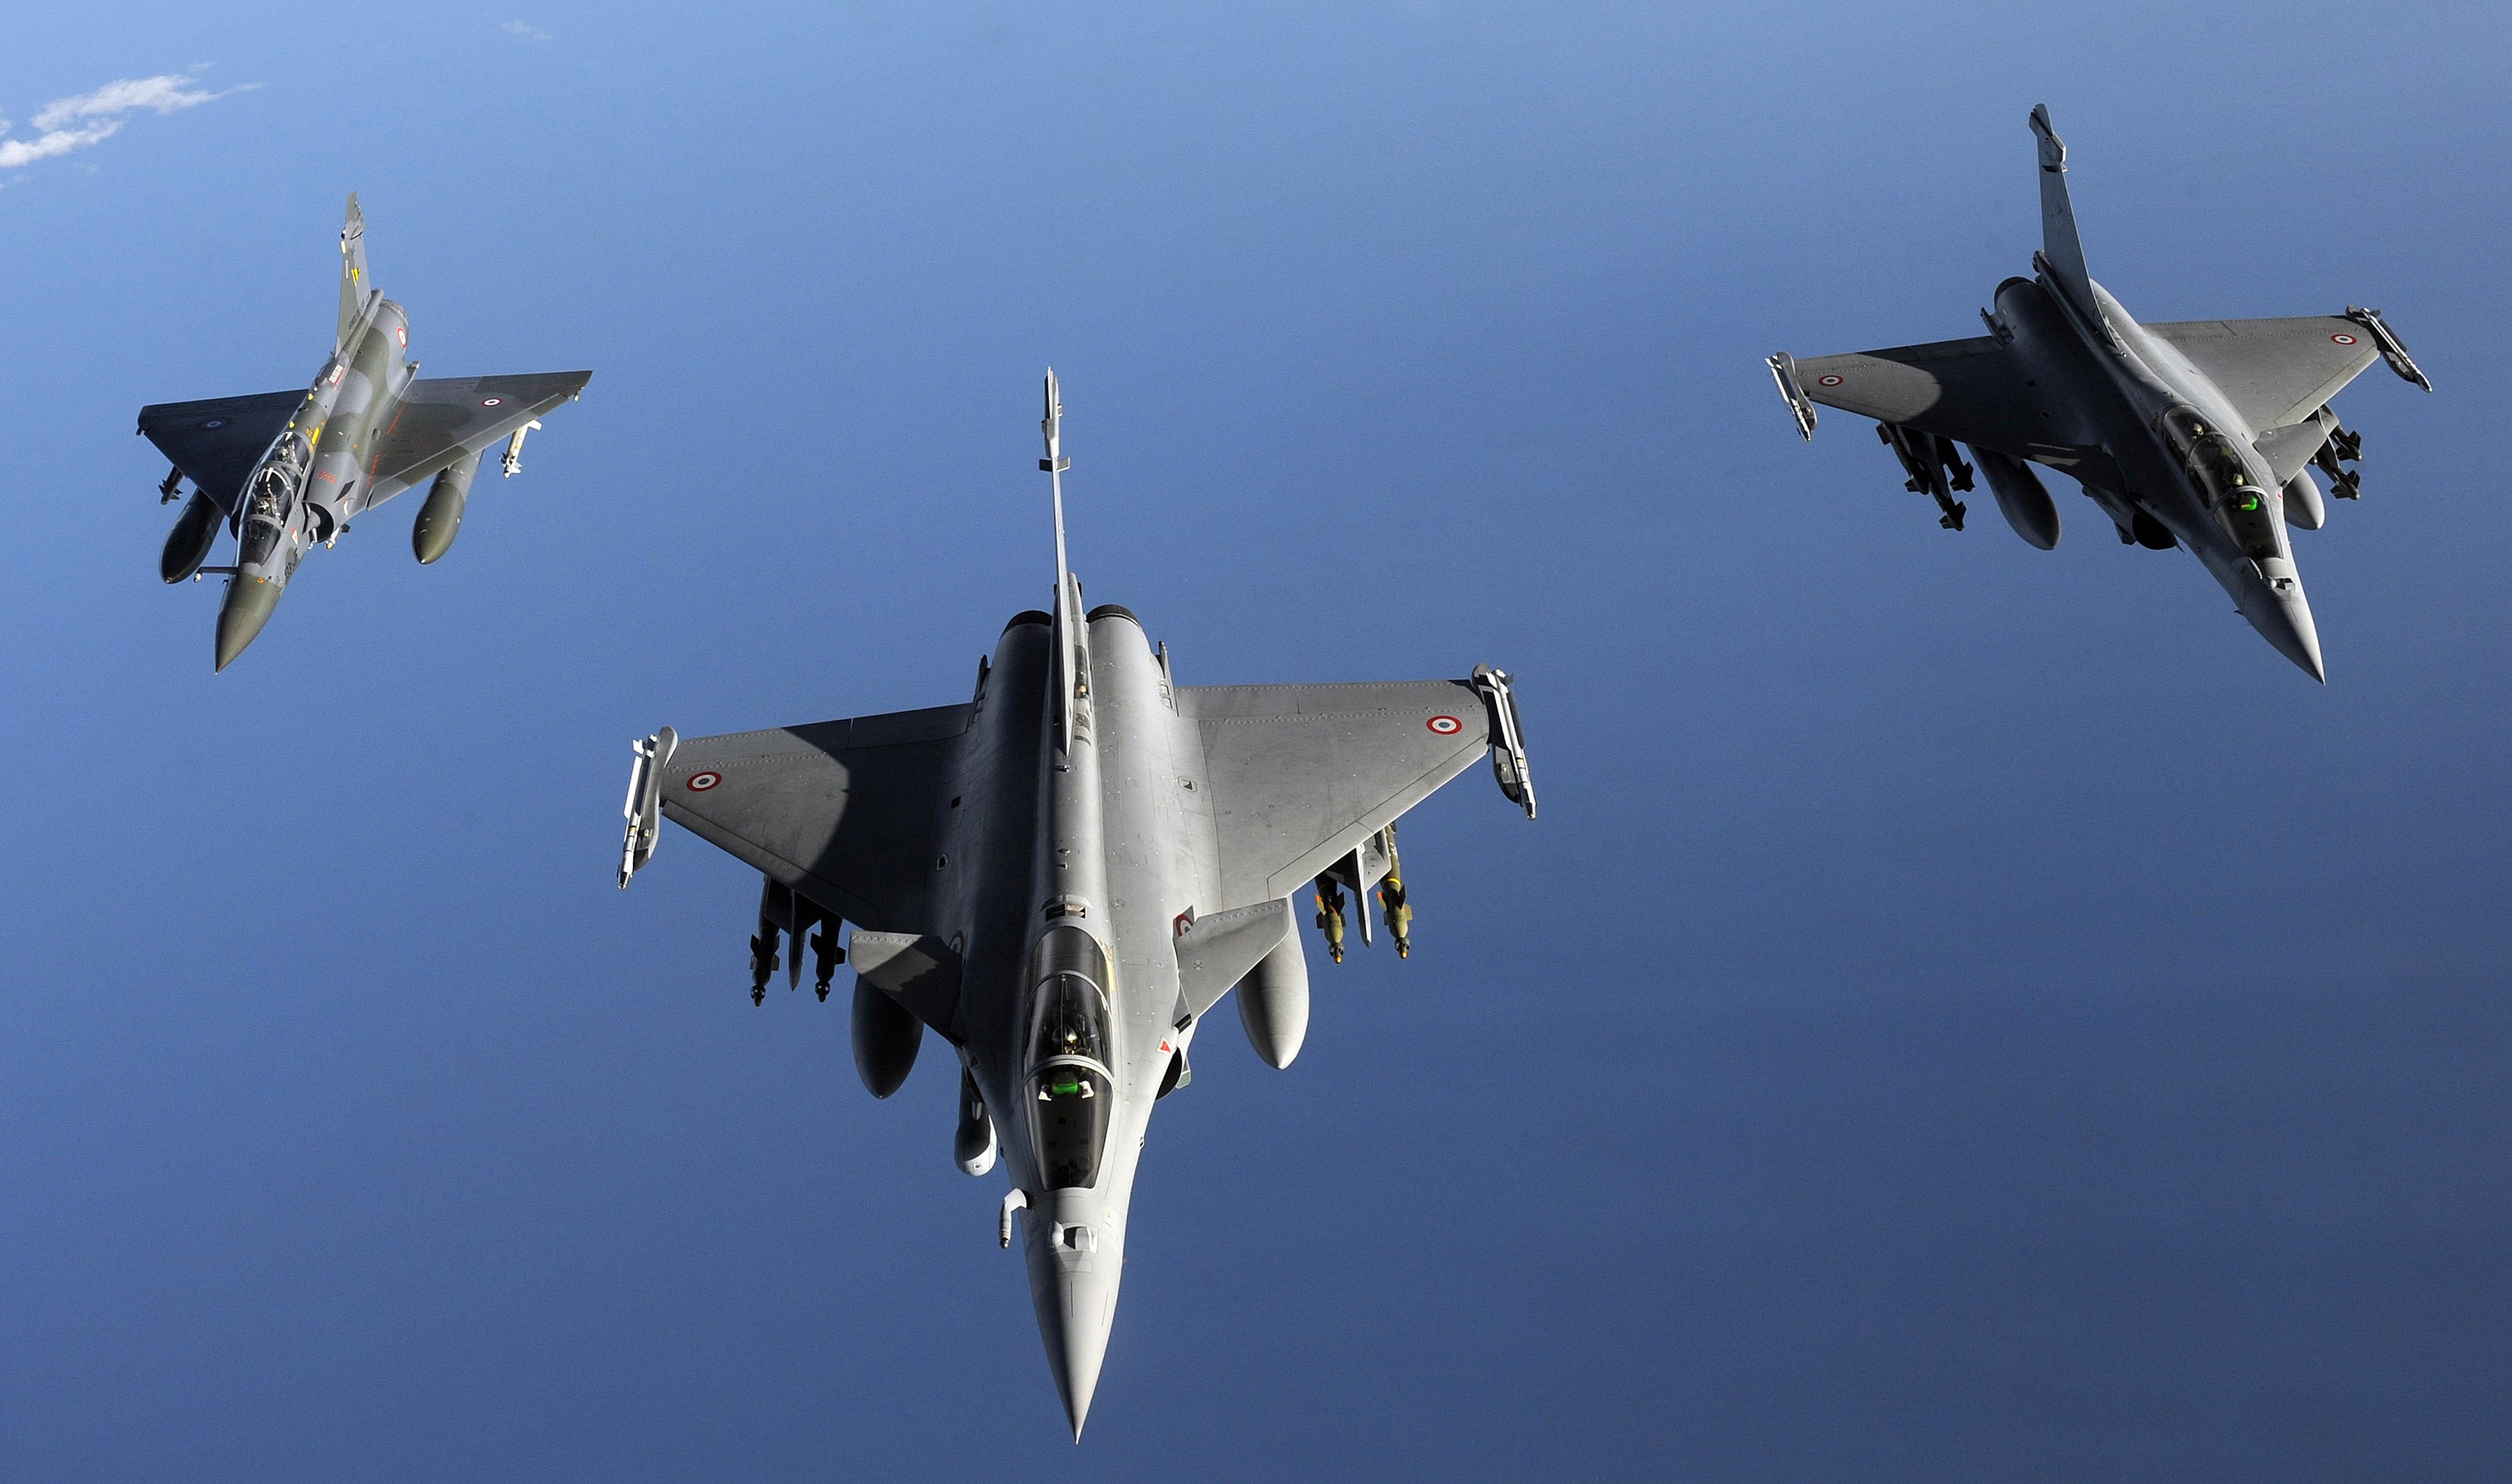 Γαλλικά μαχητικά αεροσκάφη σαρώνουν το FIR της Λευκωσίας